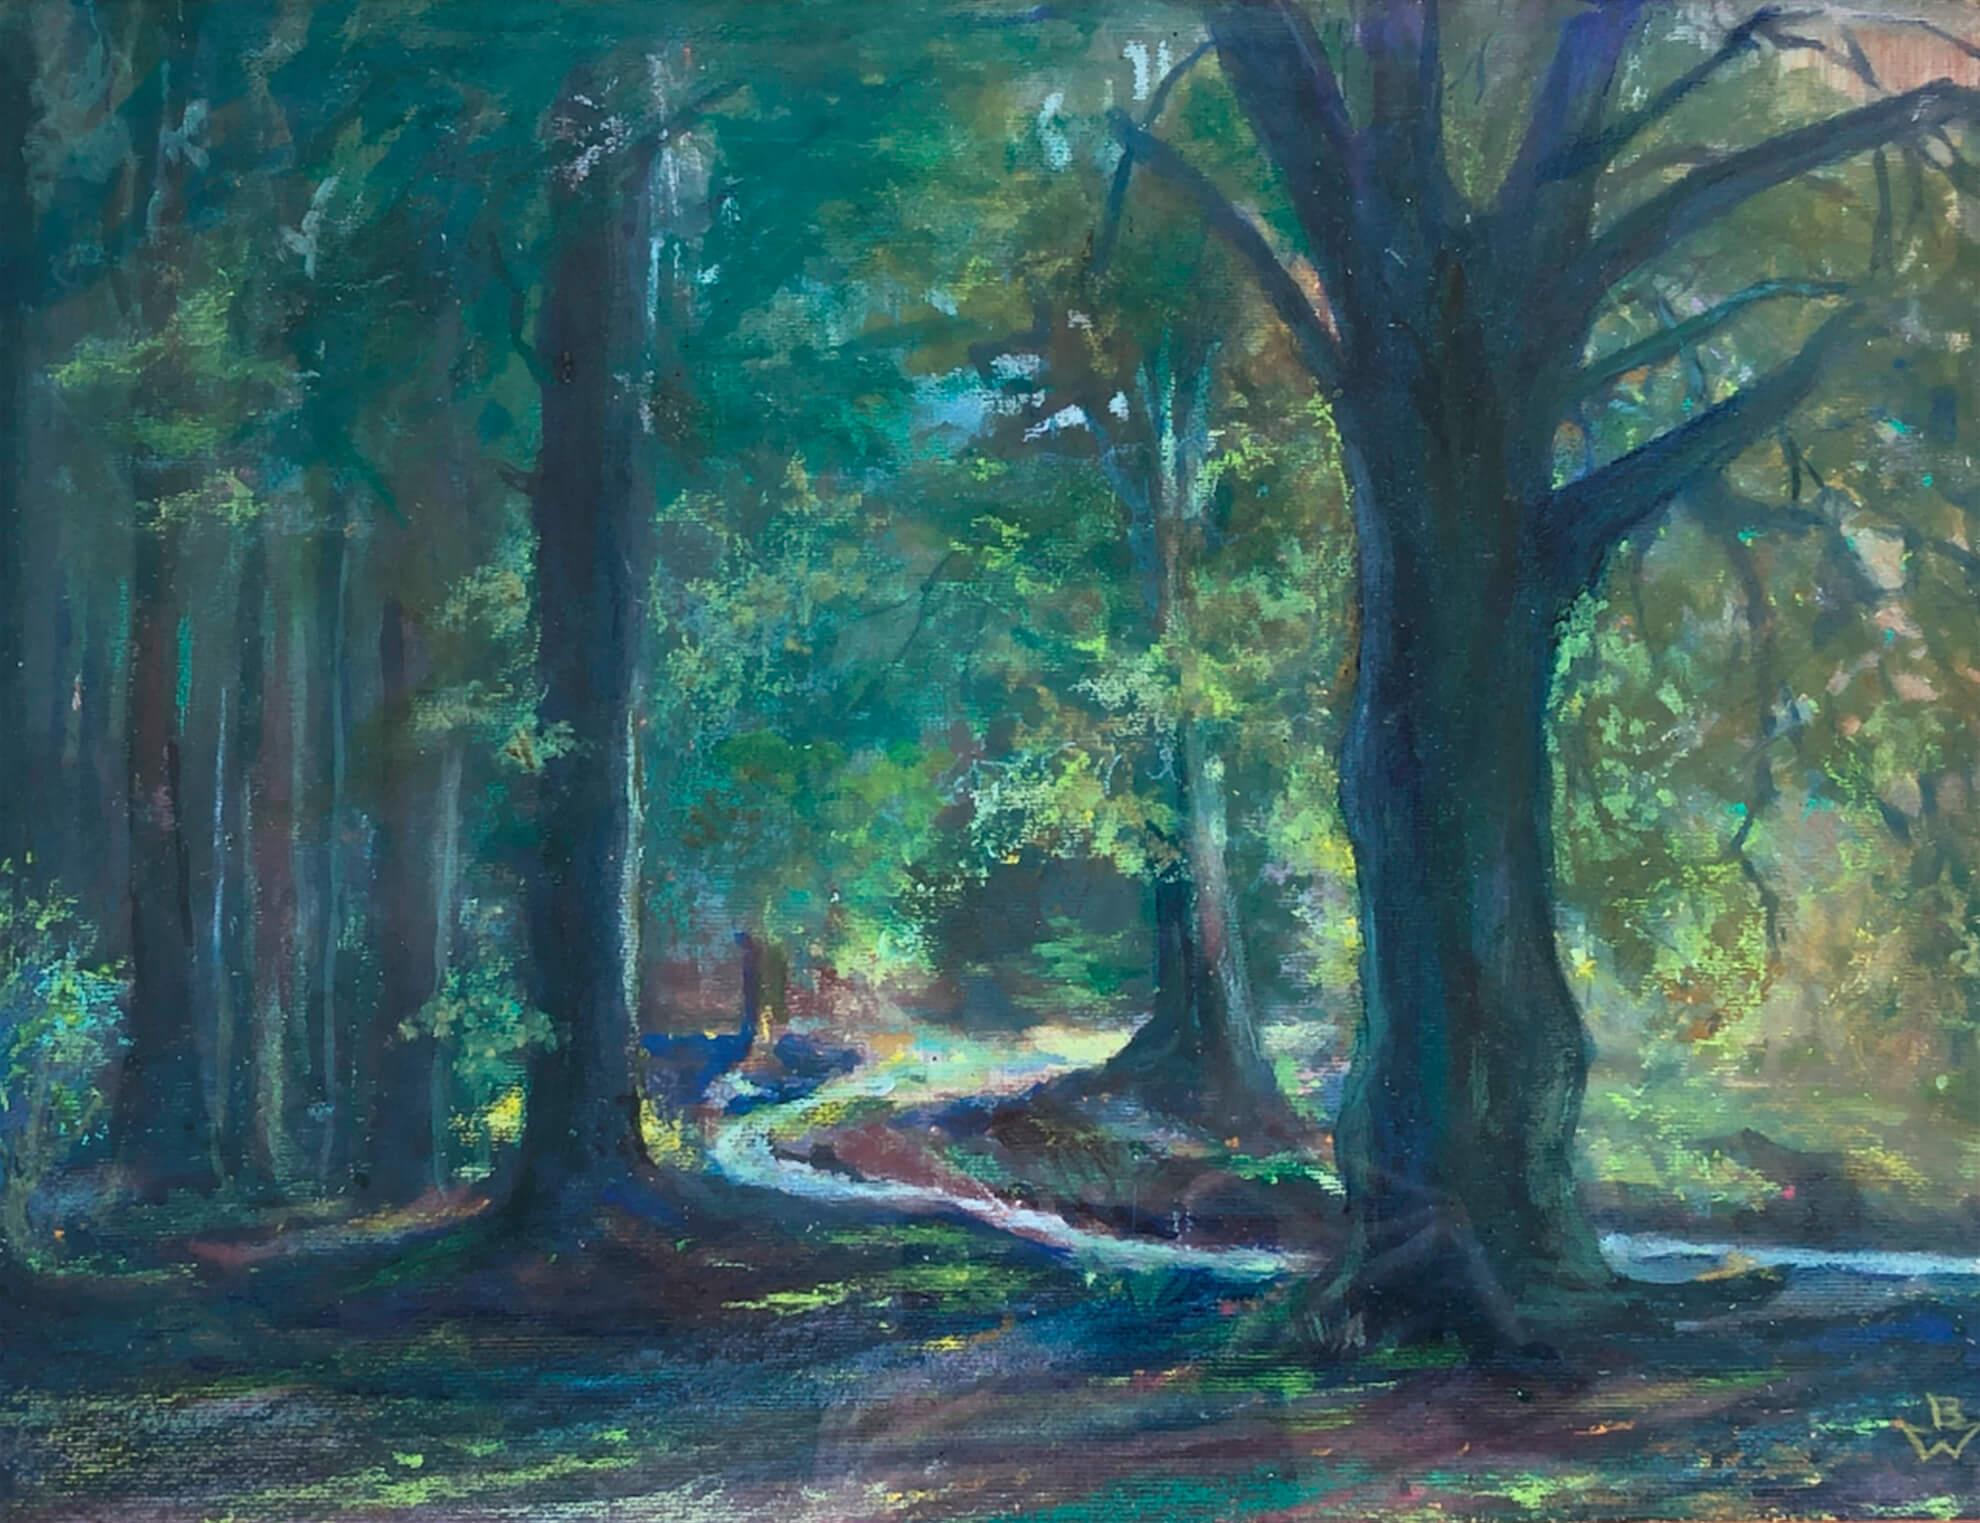 Schützt den Wunderwald! – Nach über 100 Jahren hat der Aufruf des Kunstmalers Bruno Wittenstein an Aktualität nicht verloren